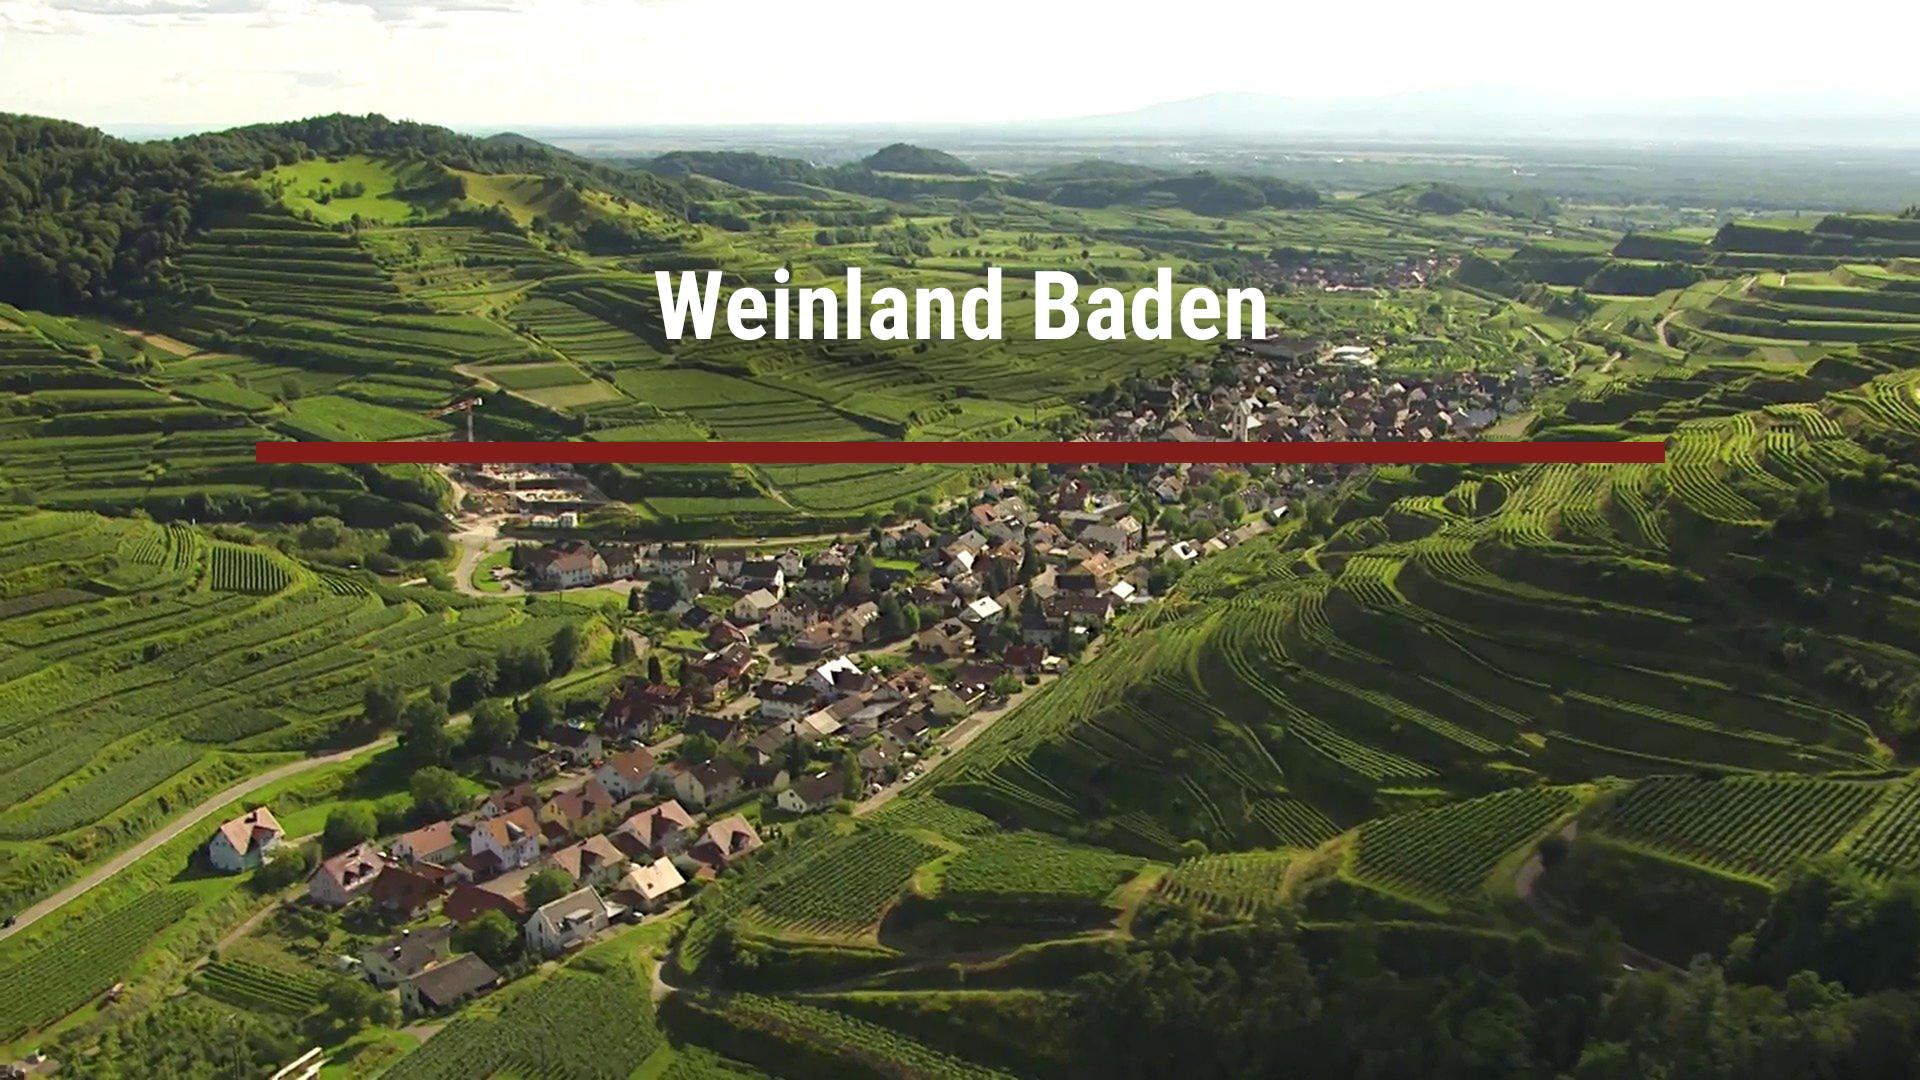 Weinland Baden